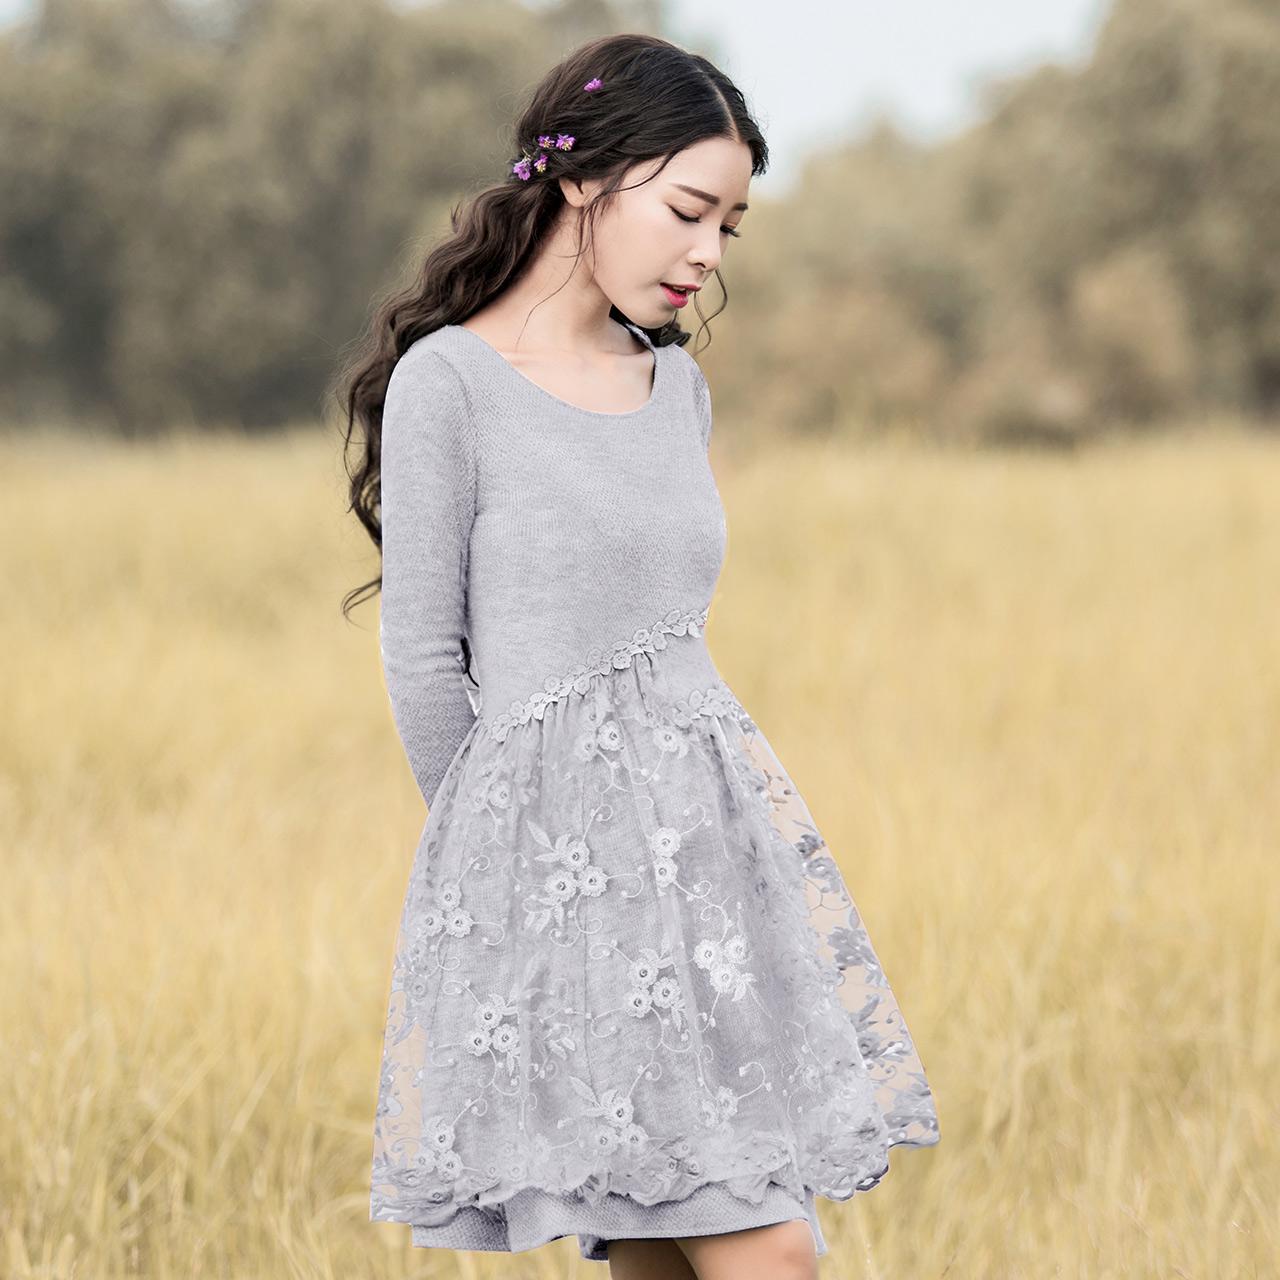 烟花烫XW2017秋季新女装打底简约修身蕾丝针织连衣裙 悦颖